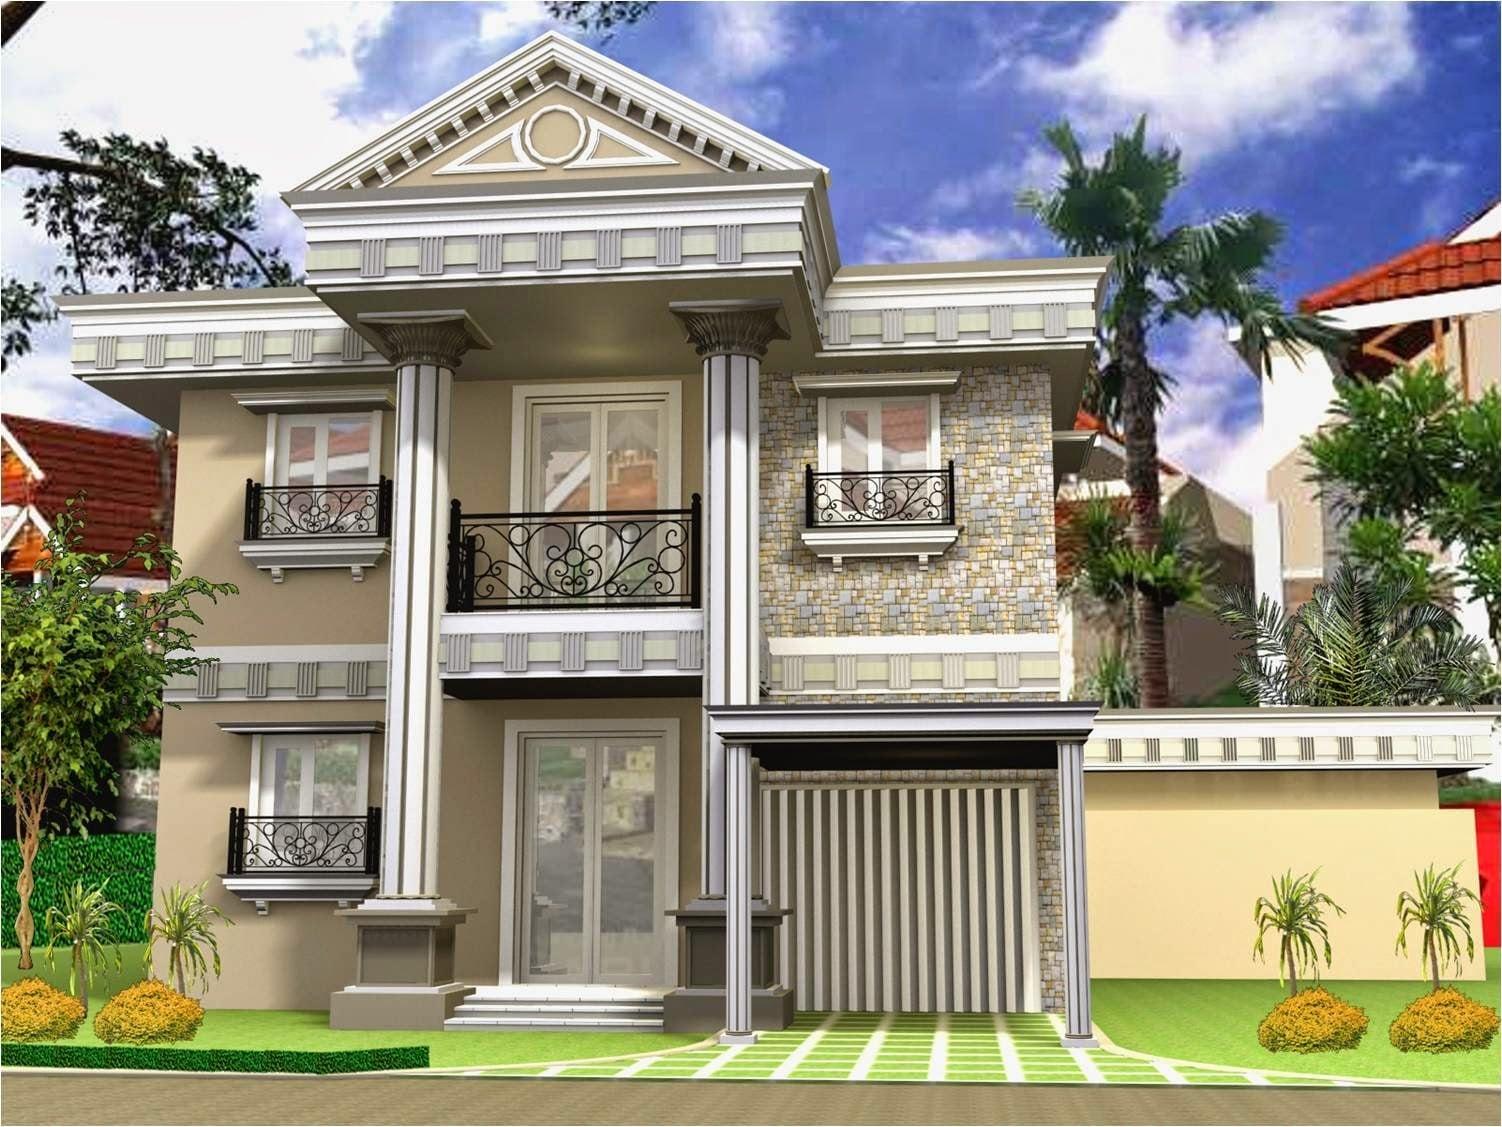 Unik Desain Rumah Minimalis Eropa 2 Lantai 29 Untuk Inspirasi Ide Desain Interior Rumah dengan Desain Rumah Minimalis Eropa 2 Lantai